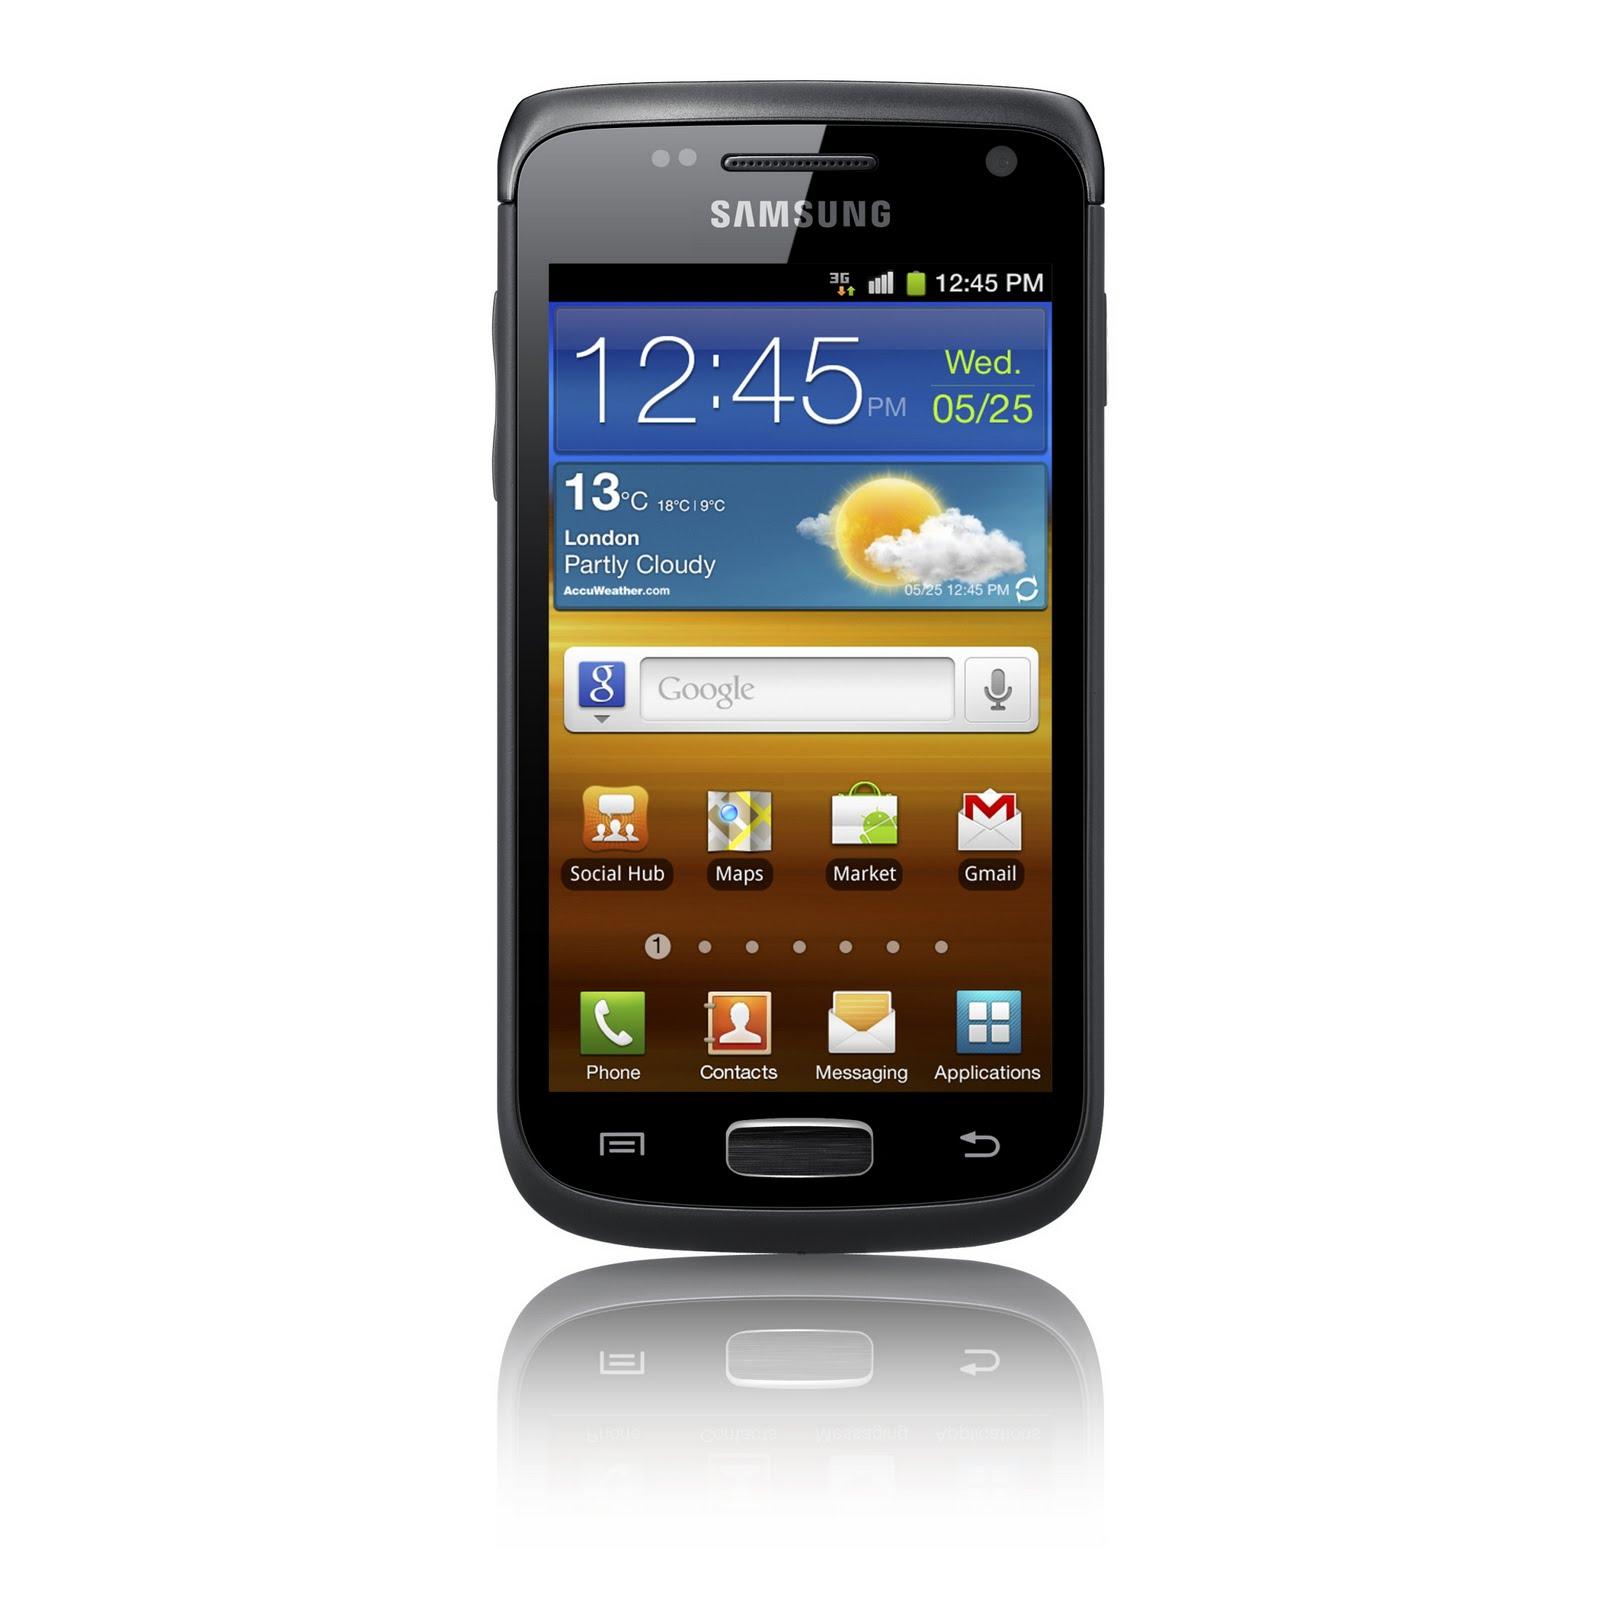 http://3.bp.blogspot.com/-sOcZCgUTKqQ/TrCxHKrkHbI/AAAAAAAACOk/9AJbaLqLjNU/s1600/Samsung%20Galaxy%20W.jpg